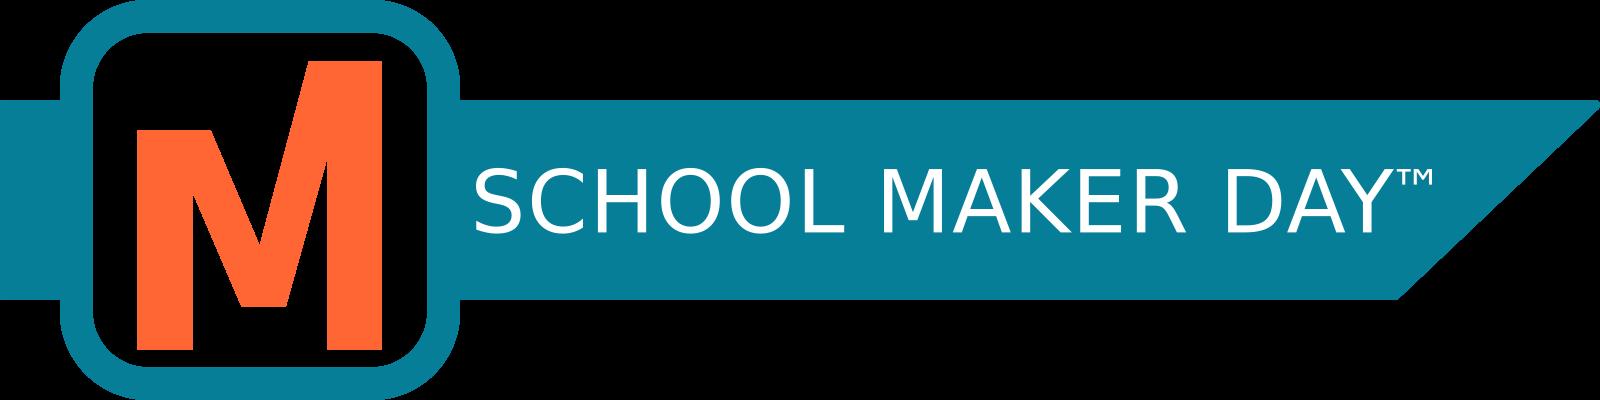 School Maker Day